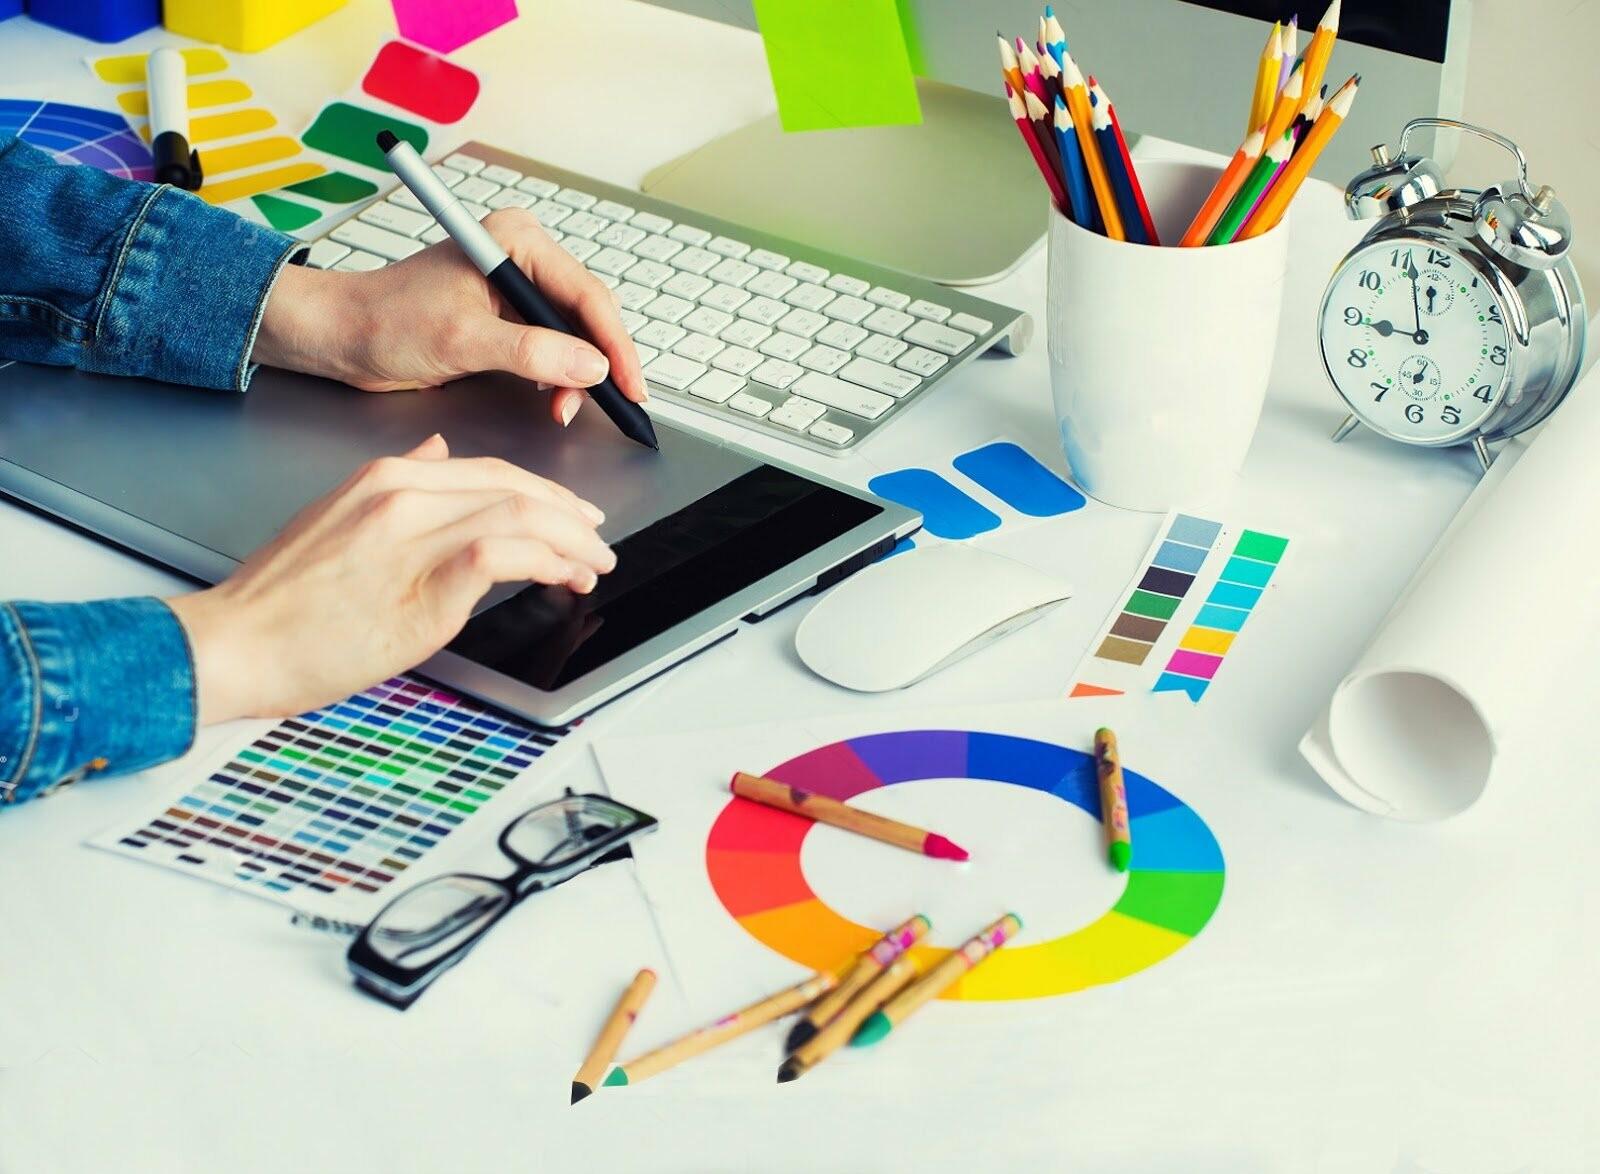 Як навчитися графічному дизайну?